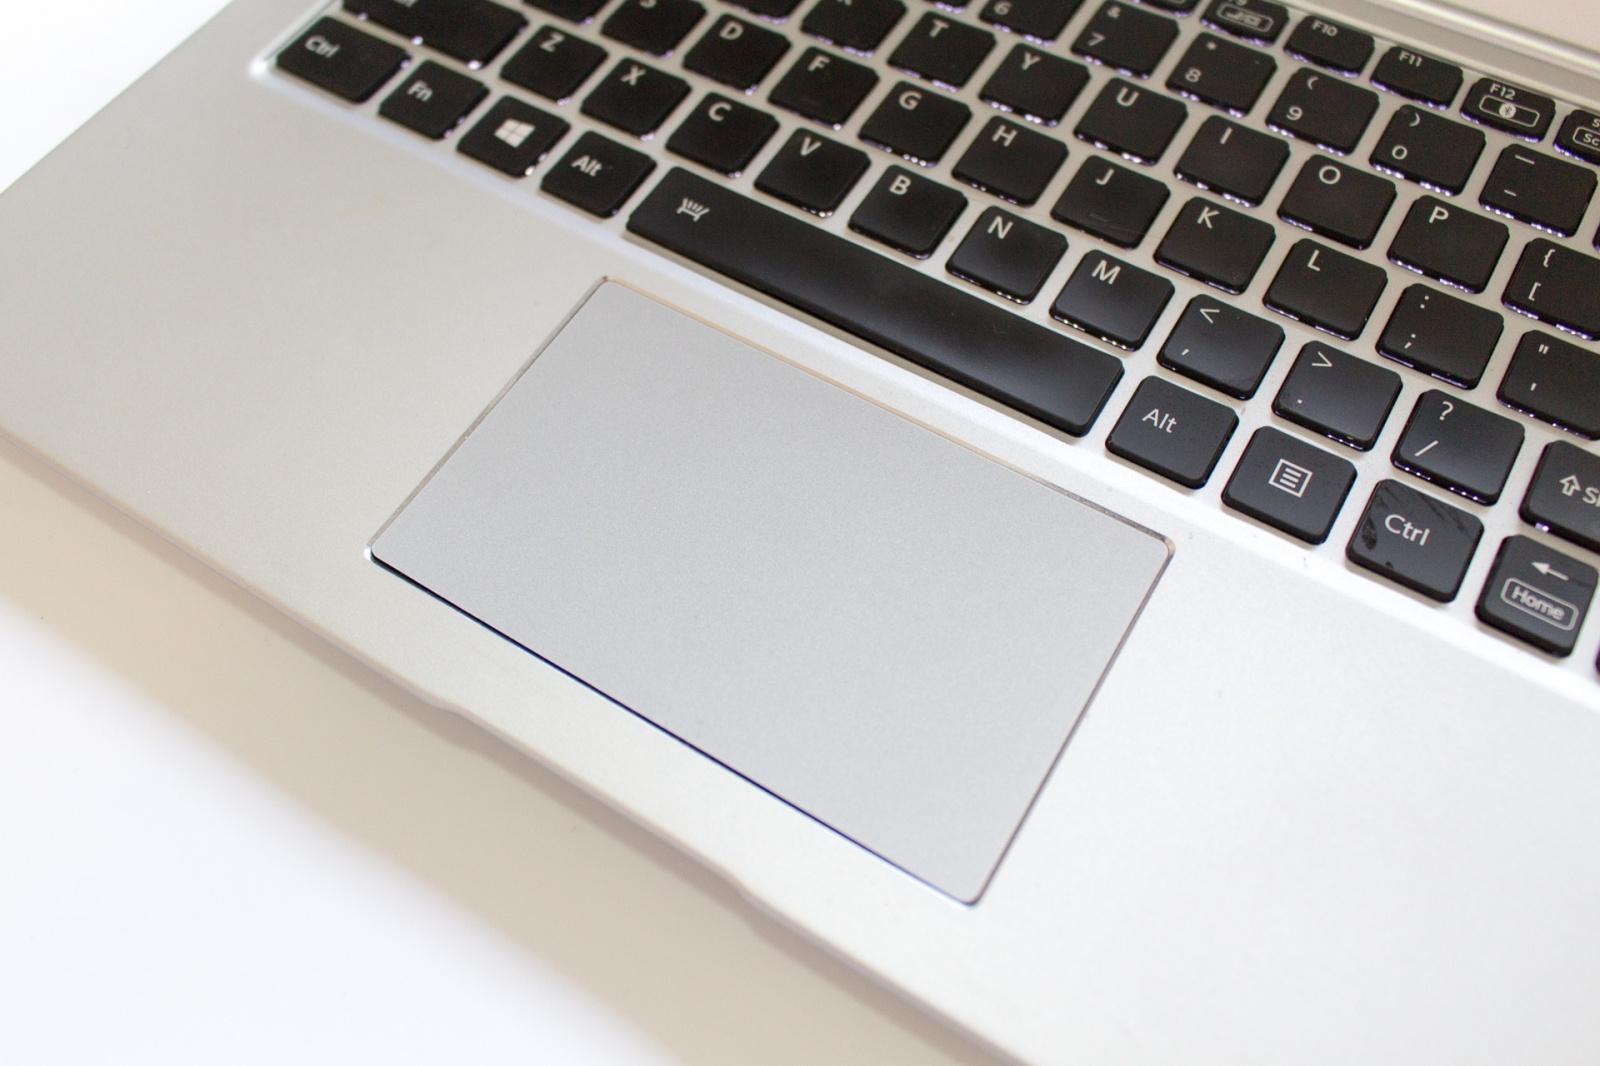 """Исследуем и частично разбираем дешевые китайские ноутбуки с диагональю 13,3"""": жить уже можно - 5"""